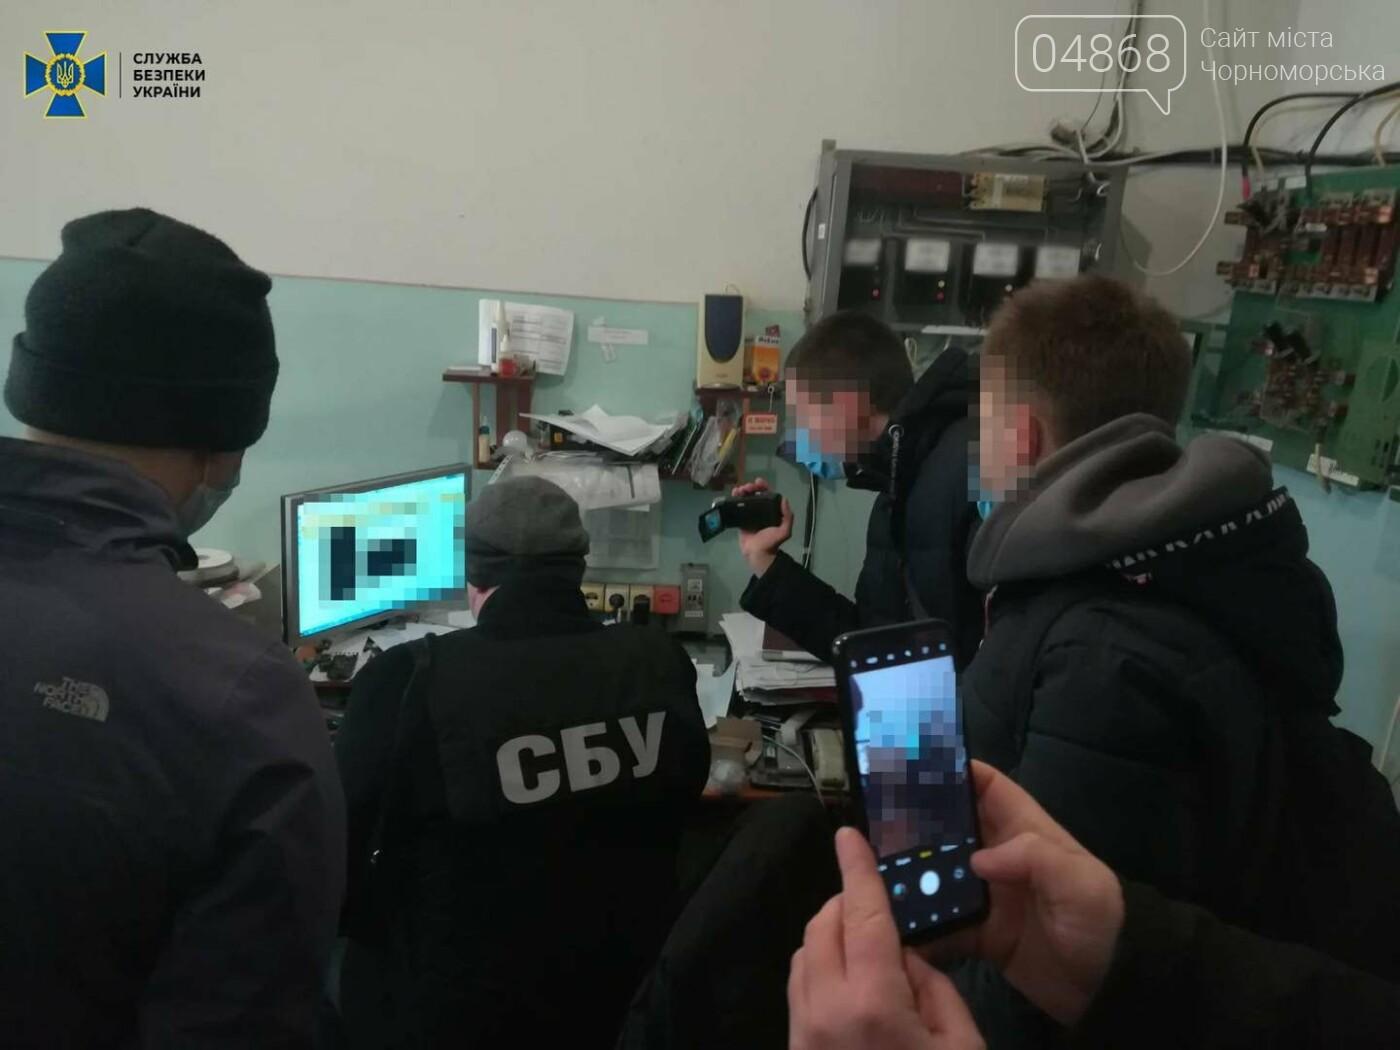 В Одессе разоблачены агитаторы, пропагандировавшие захват власти в стране, фото-4